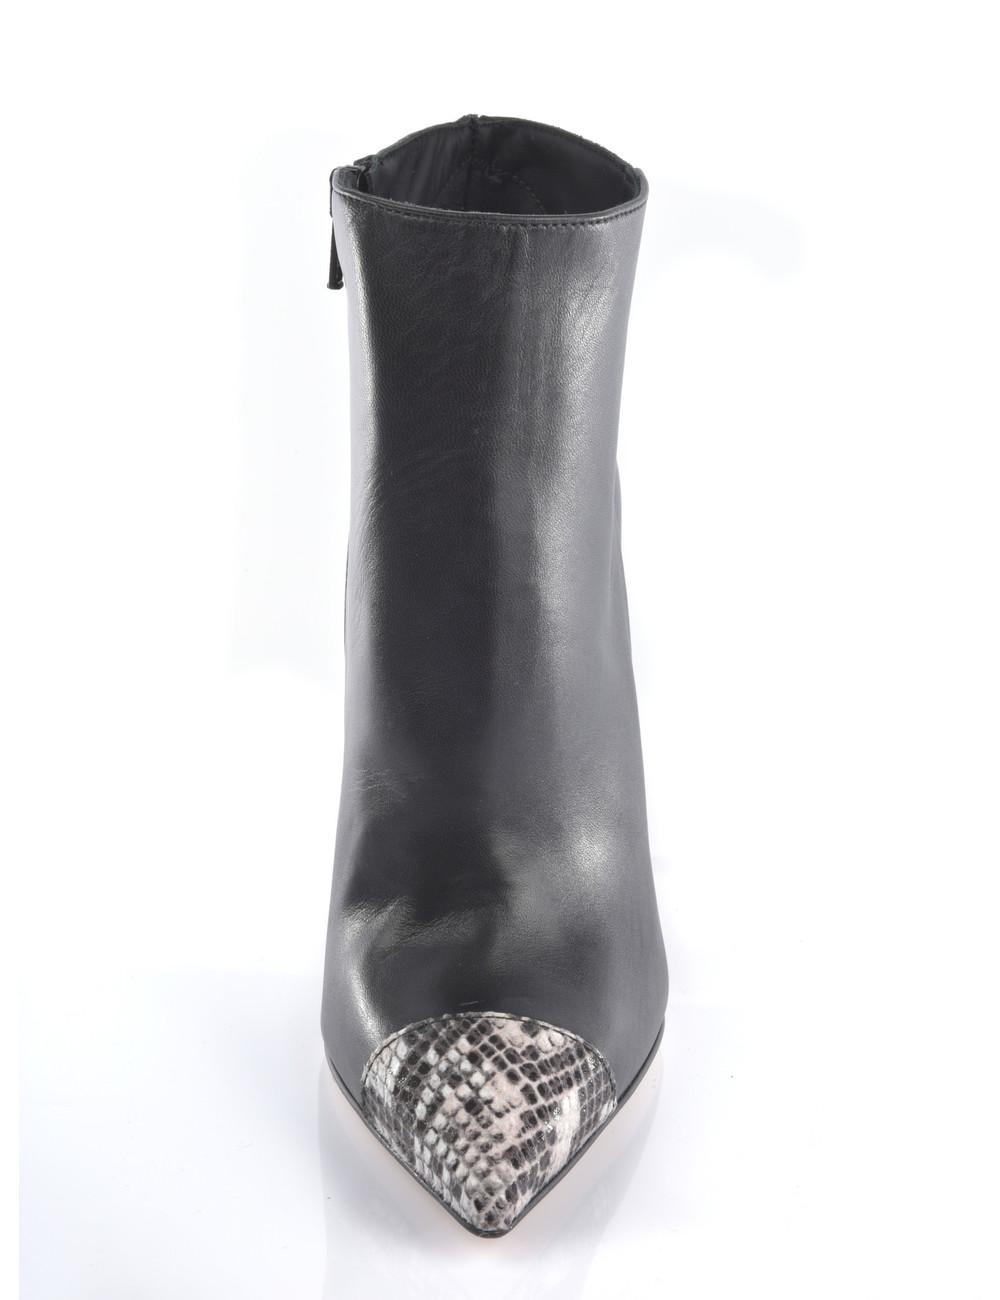 Sanctum Hohe italienische Stiefeletten VESTA mit Python-Stöckelschuhen aus echtem Leder